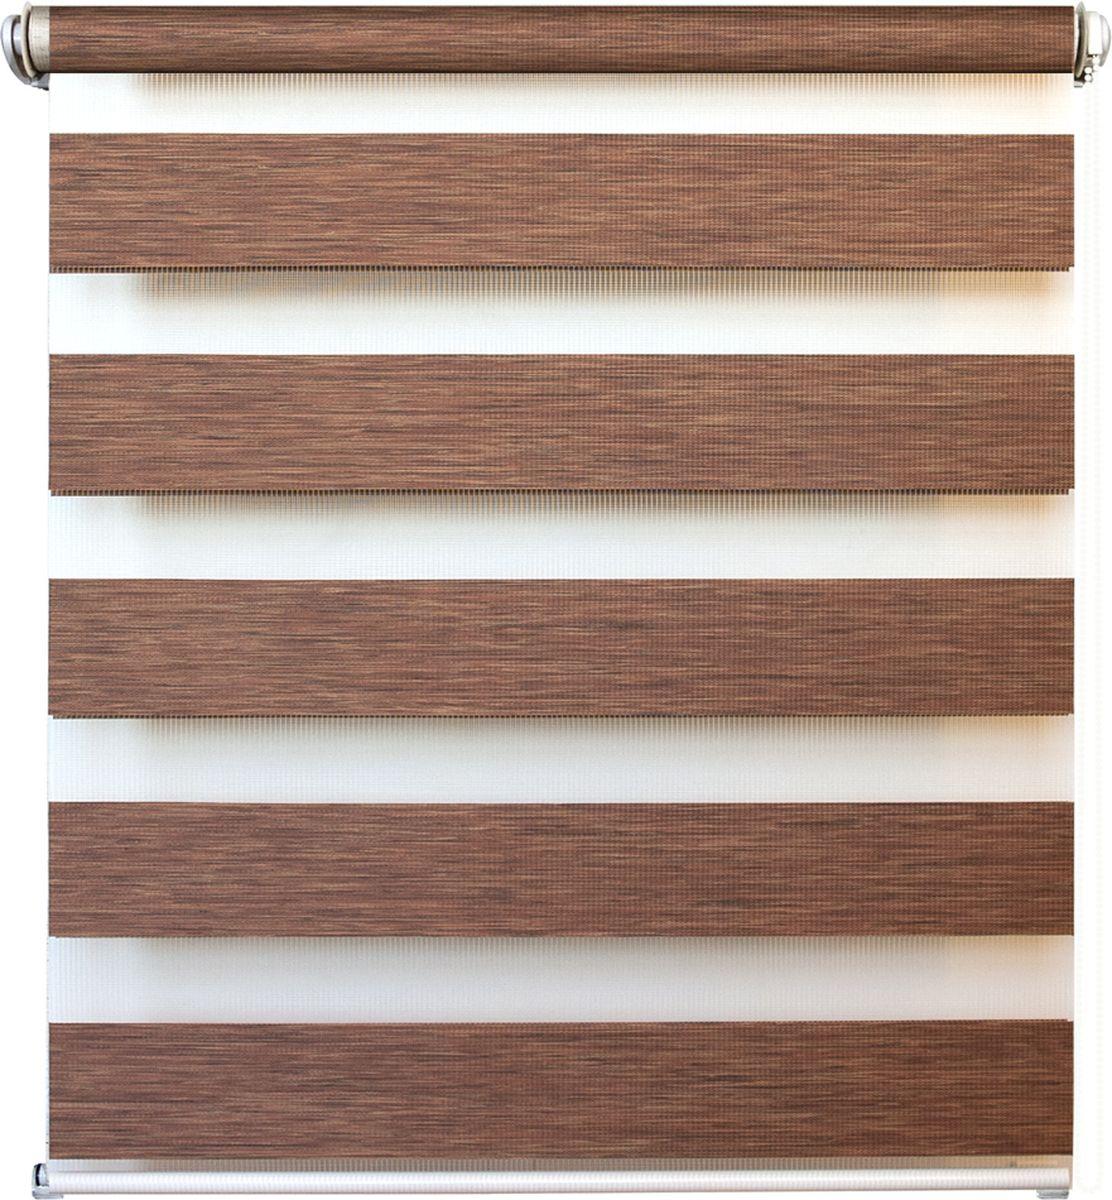 Штора рулонная день/ночь Уют Канзас, цвет: коричневый, 80 х 160 см62.РШТО.8922.080х160Штора рулонная день/ночь Уют Канзас выполнена из прочного полиэстера, в котором чередуются полосы различной плотности и фактуры. Управление двойным слоем ткани с помощью цепочки позволяет регулировать степень светопроницаемости шторы. Если совпали плотные полосы, то прозрачные будут открыты максимально. Это положение шторы называется День. Максимальное затемнение помещения достигается при полном совпадении полос разных фактур. Это положение шторы называется Ночь. Конструкция шторы также позволяет полностью свернуть полотно, обеспечив максимальное открытие окна. Рулонная штора - это разновидность штор, которая закрывает не весь оконный проем, а непосредственно само стекло. Такая штора очень компактна, что помогает сэкономить пространство. Универсальная конструкция позволяет монтировать штору на стену, потолок, деревянные или пластиковые рамы окон. В комплект входят кронштейны и нижний утяжелитель. Возможна установка с управлением цепочкой как справа, так и...